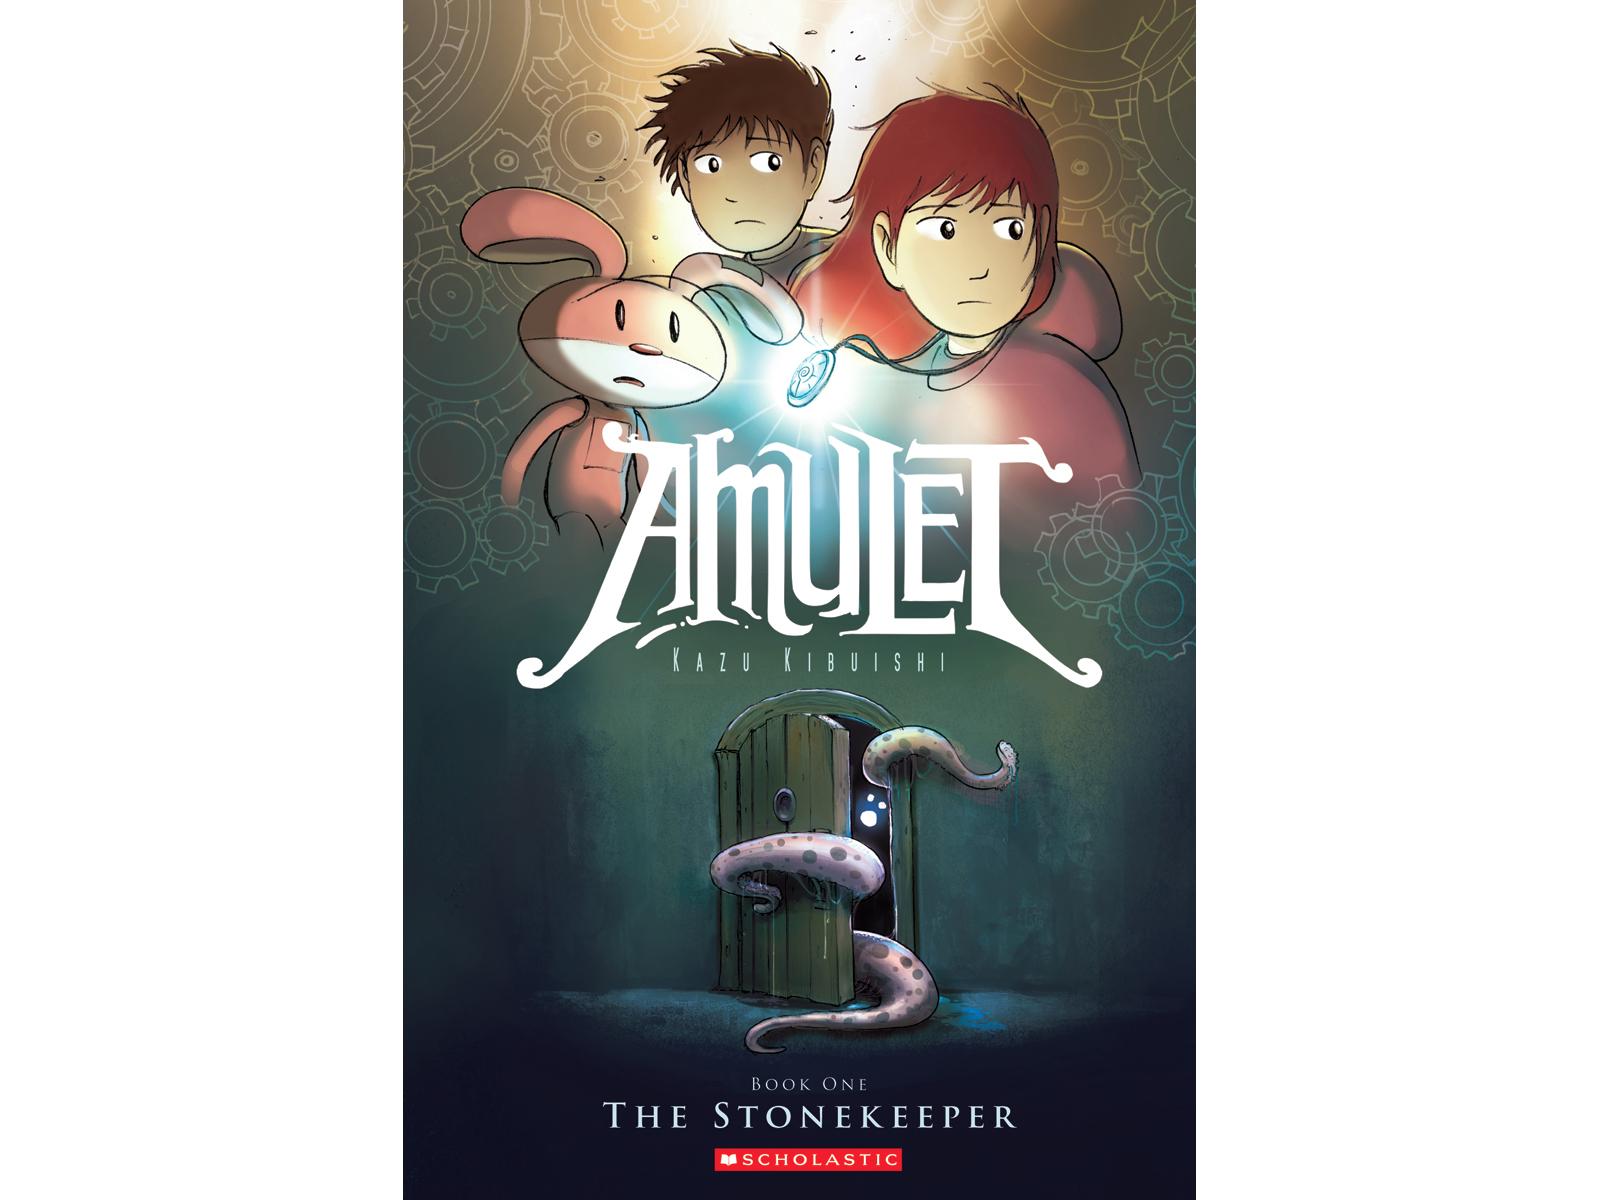 AMULET: BOOK 1